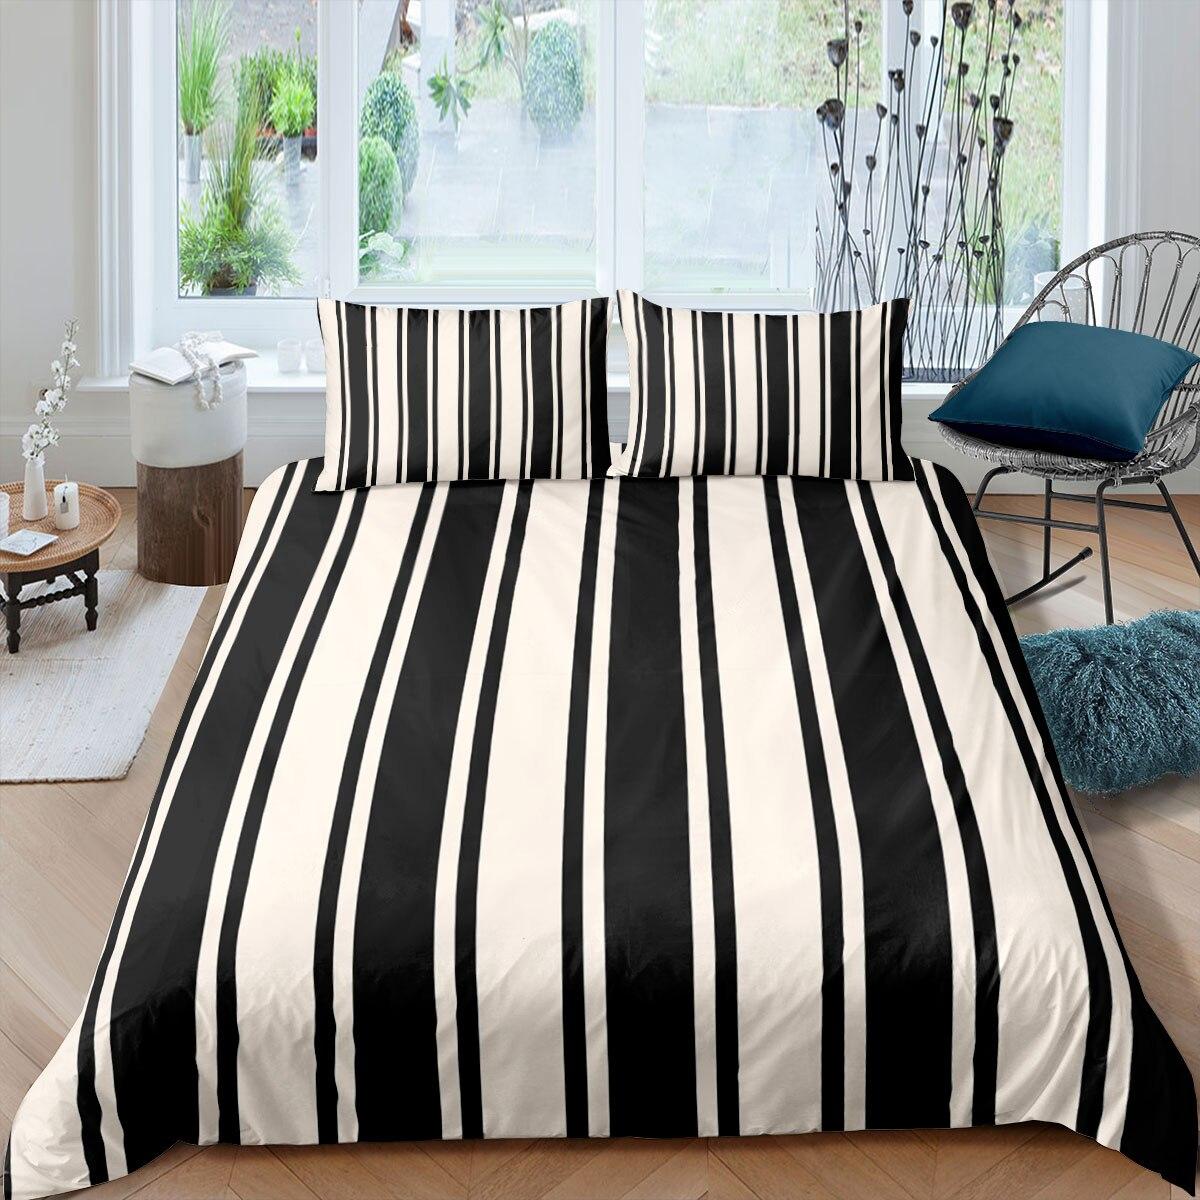 قماش مخطط أبيض وأسود طقم سرير الموضة الحديثة ثلاثية الأبعاد طقم أغطية لحاف المعزي أغطية سرير التوأم الملكة الملك حجم واحد هدية المنزل